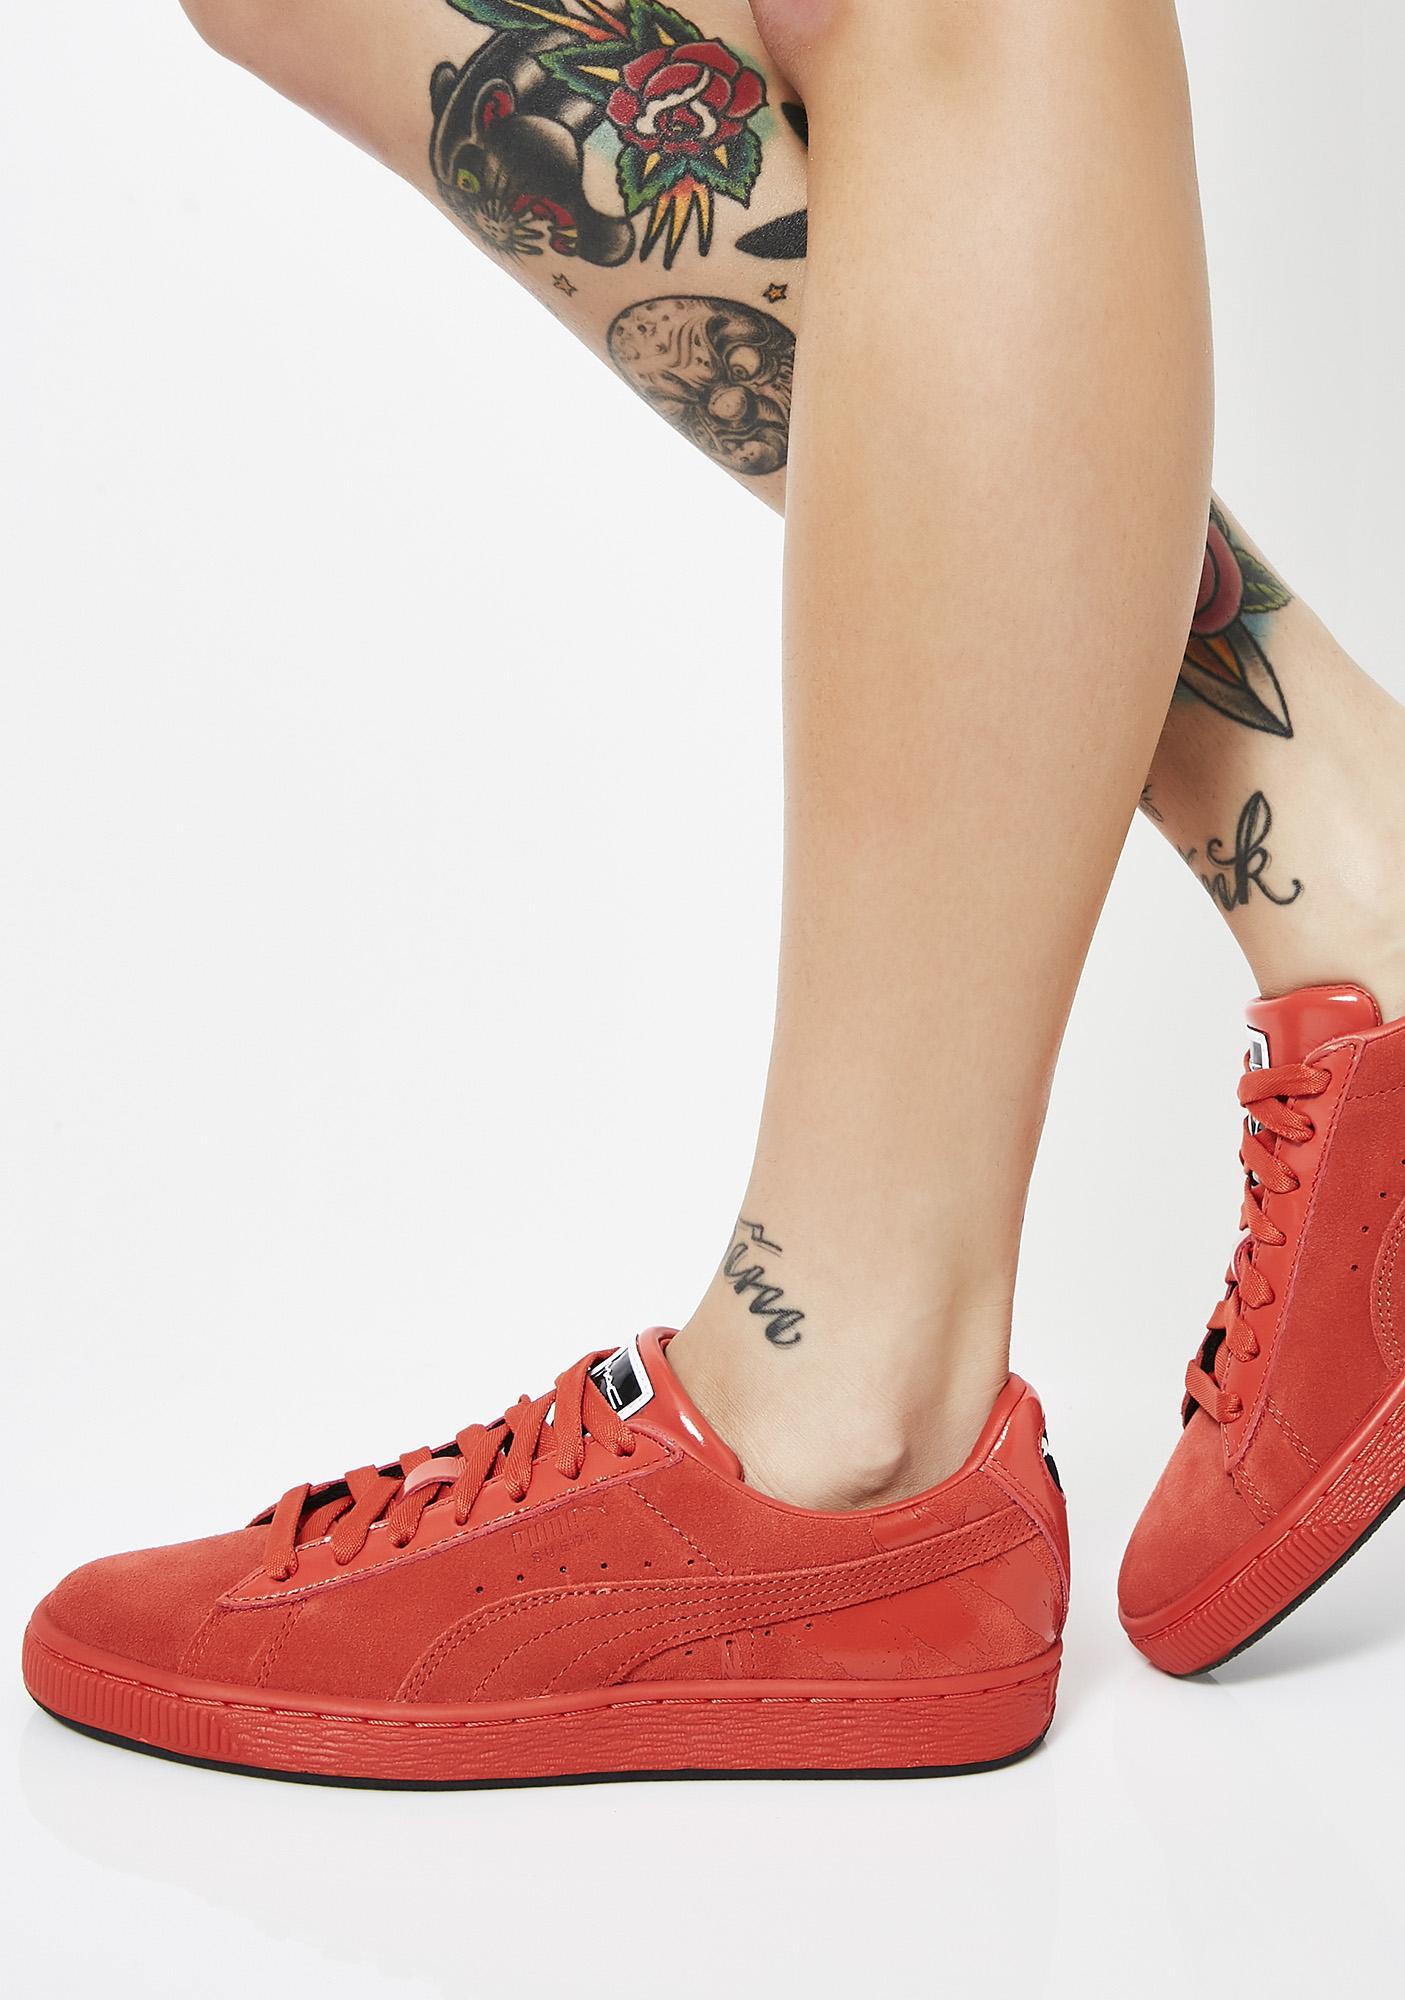 6f17c42c0325 PUMA x Mac Two Suede Classic Sneakers